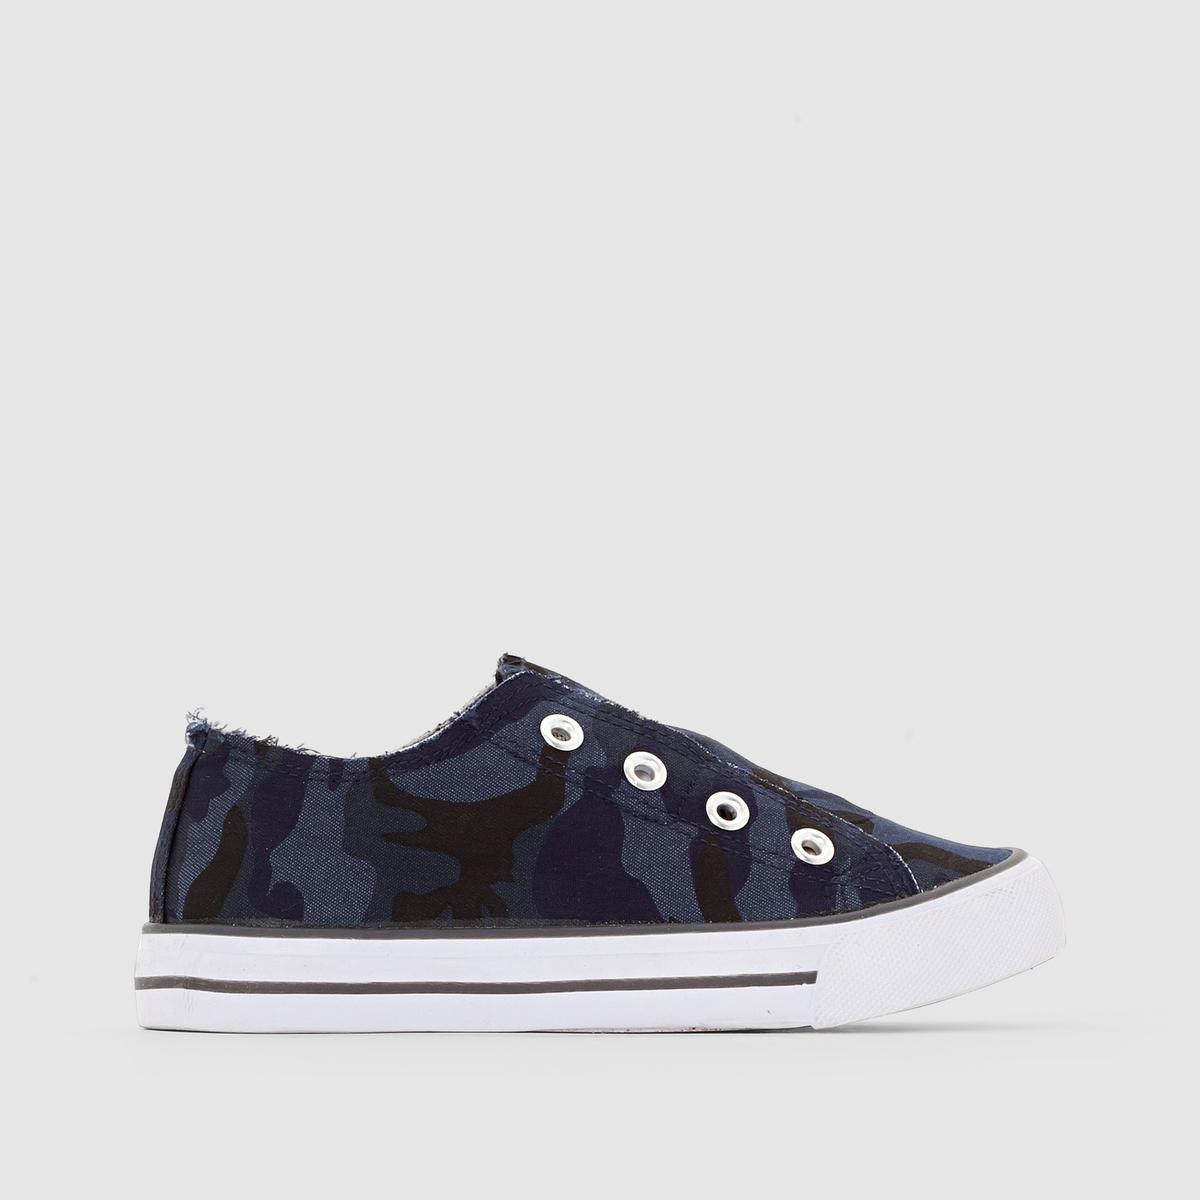 Кеды низкие с камуфляжным принтомОтличный камуфляжный рисунок и стильный джинсовый эффект : большего и не надо, быстрее наденьте эти стильные кеды и отправляйтесь на встречу приключениям ! Мы советуем заказывать модель на размер больше вашего обычного размера.<br><br>Цвет: синий + черный + серый